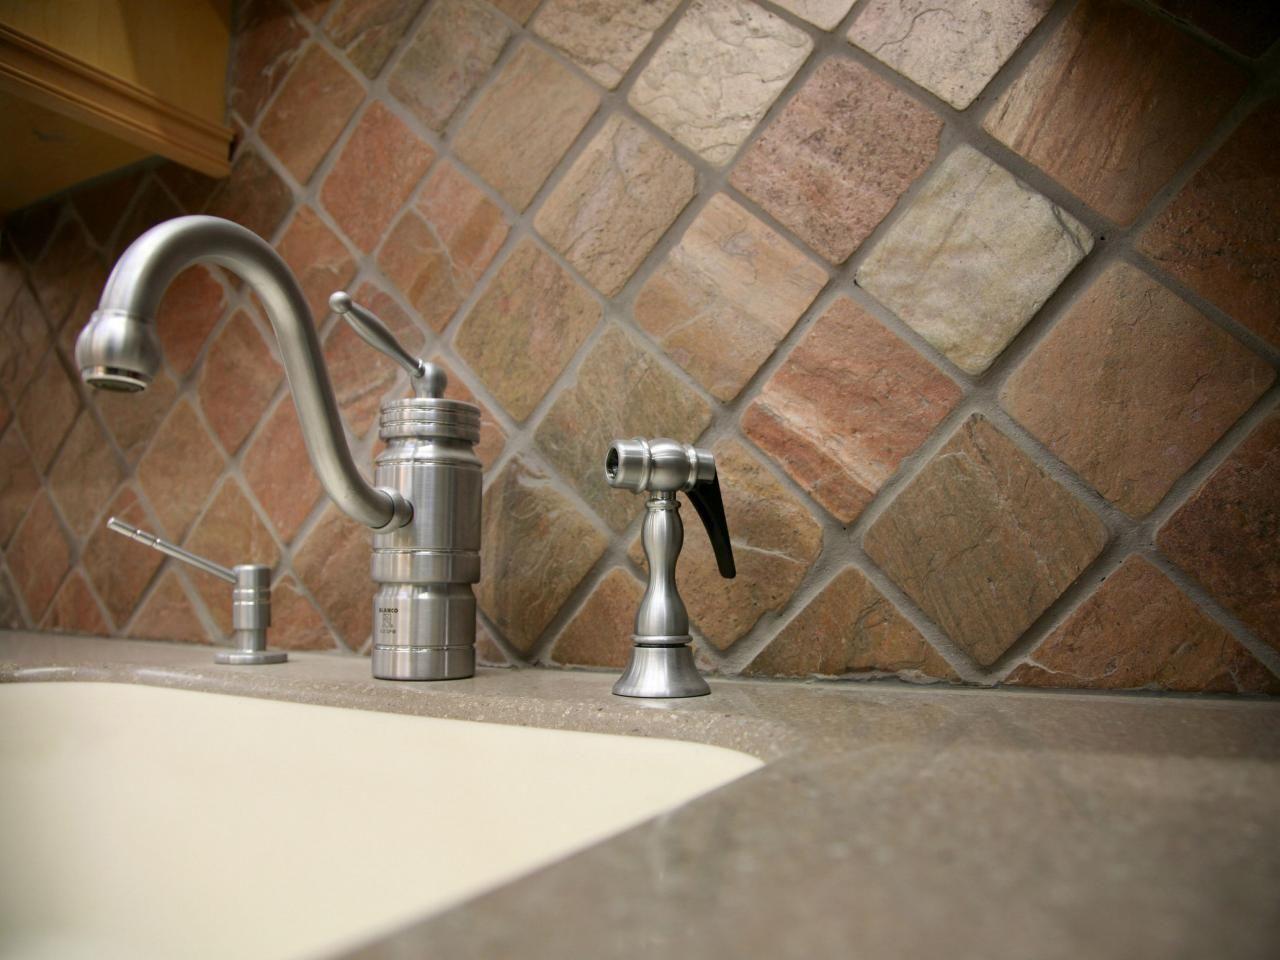 Get some backsplash inspiration for your kitchen granite